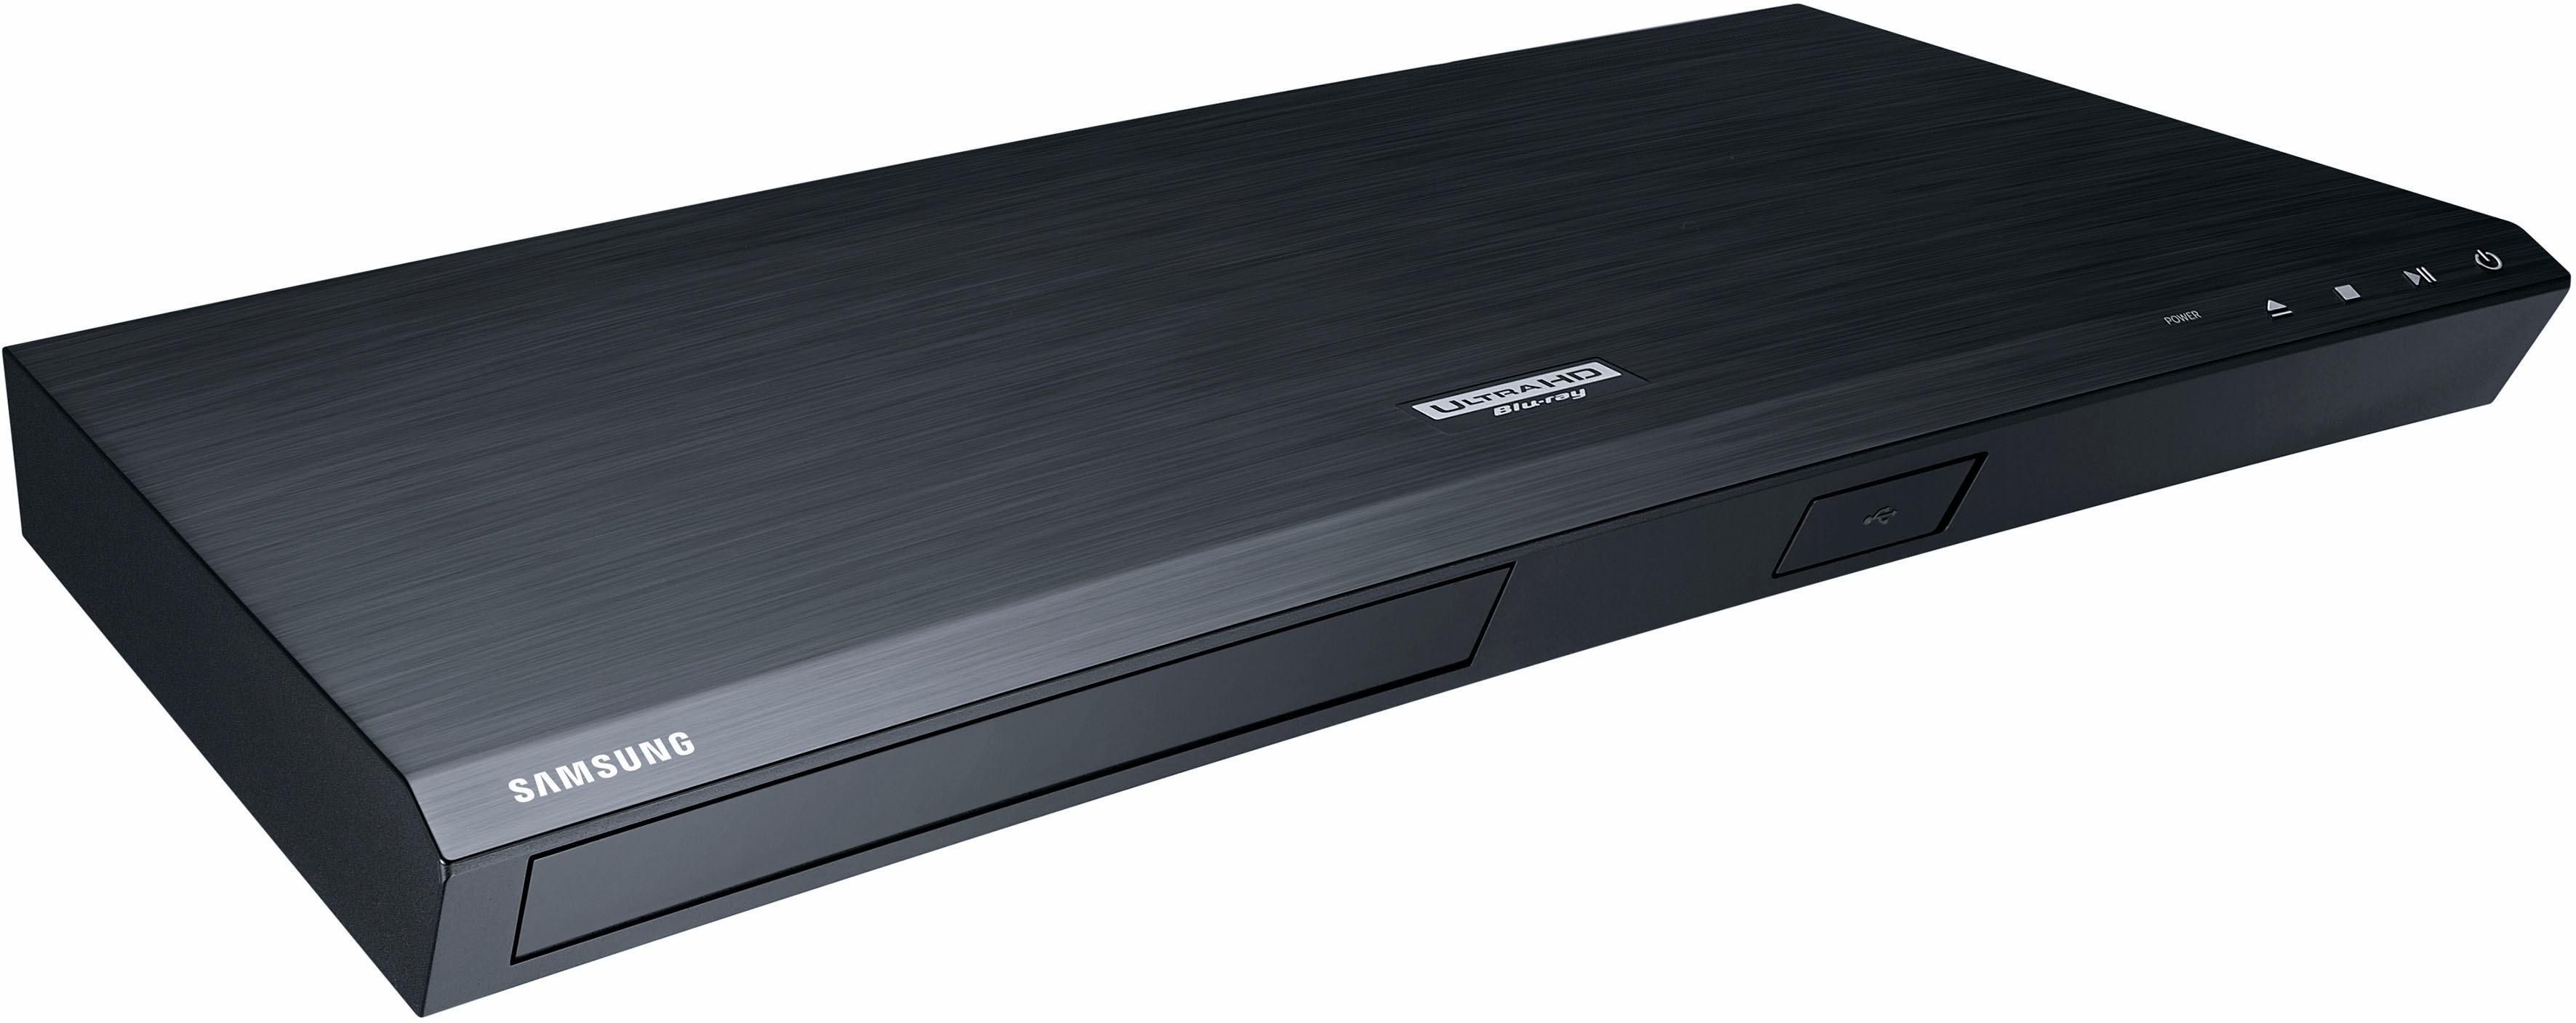 SAMSUNG UBD-M7500/ZG blu-ray-speler, 4K (Ultra HD) voordelig en veilig online kopen